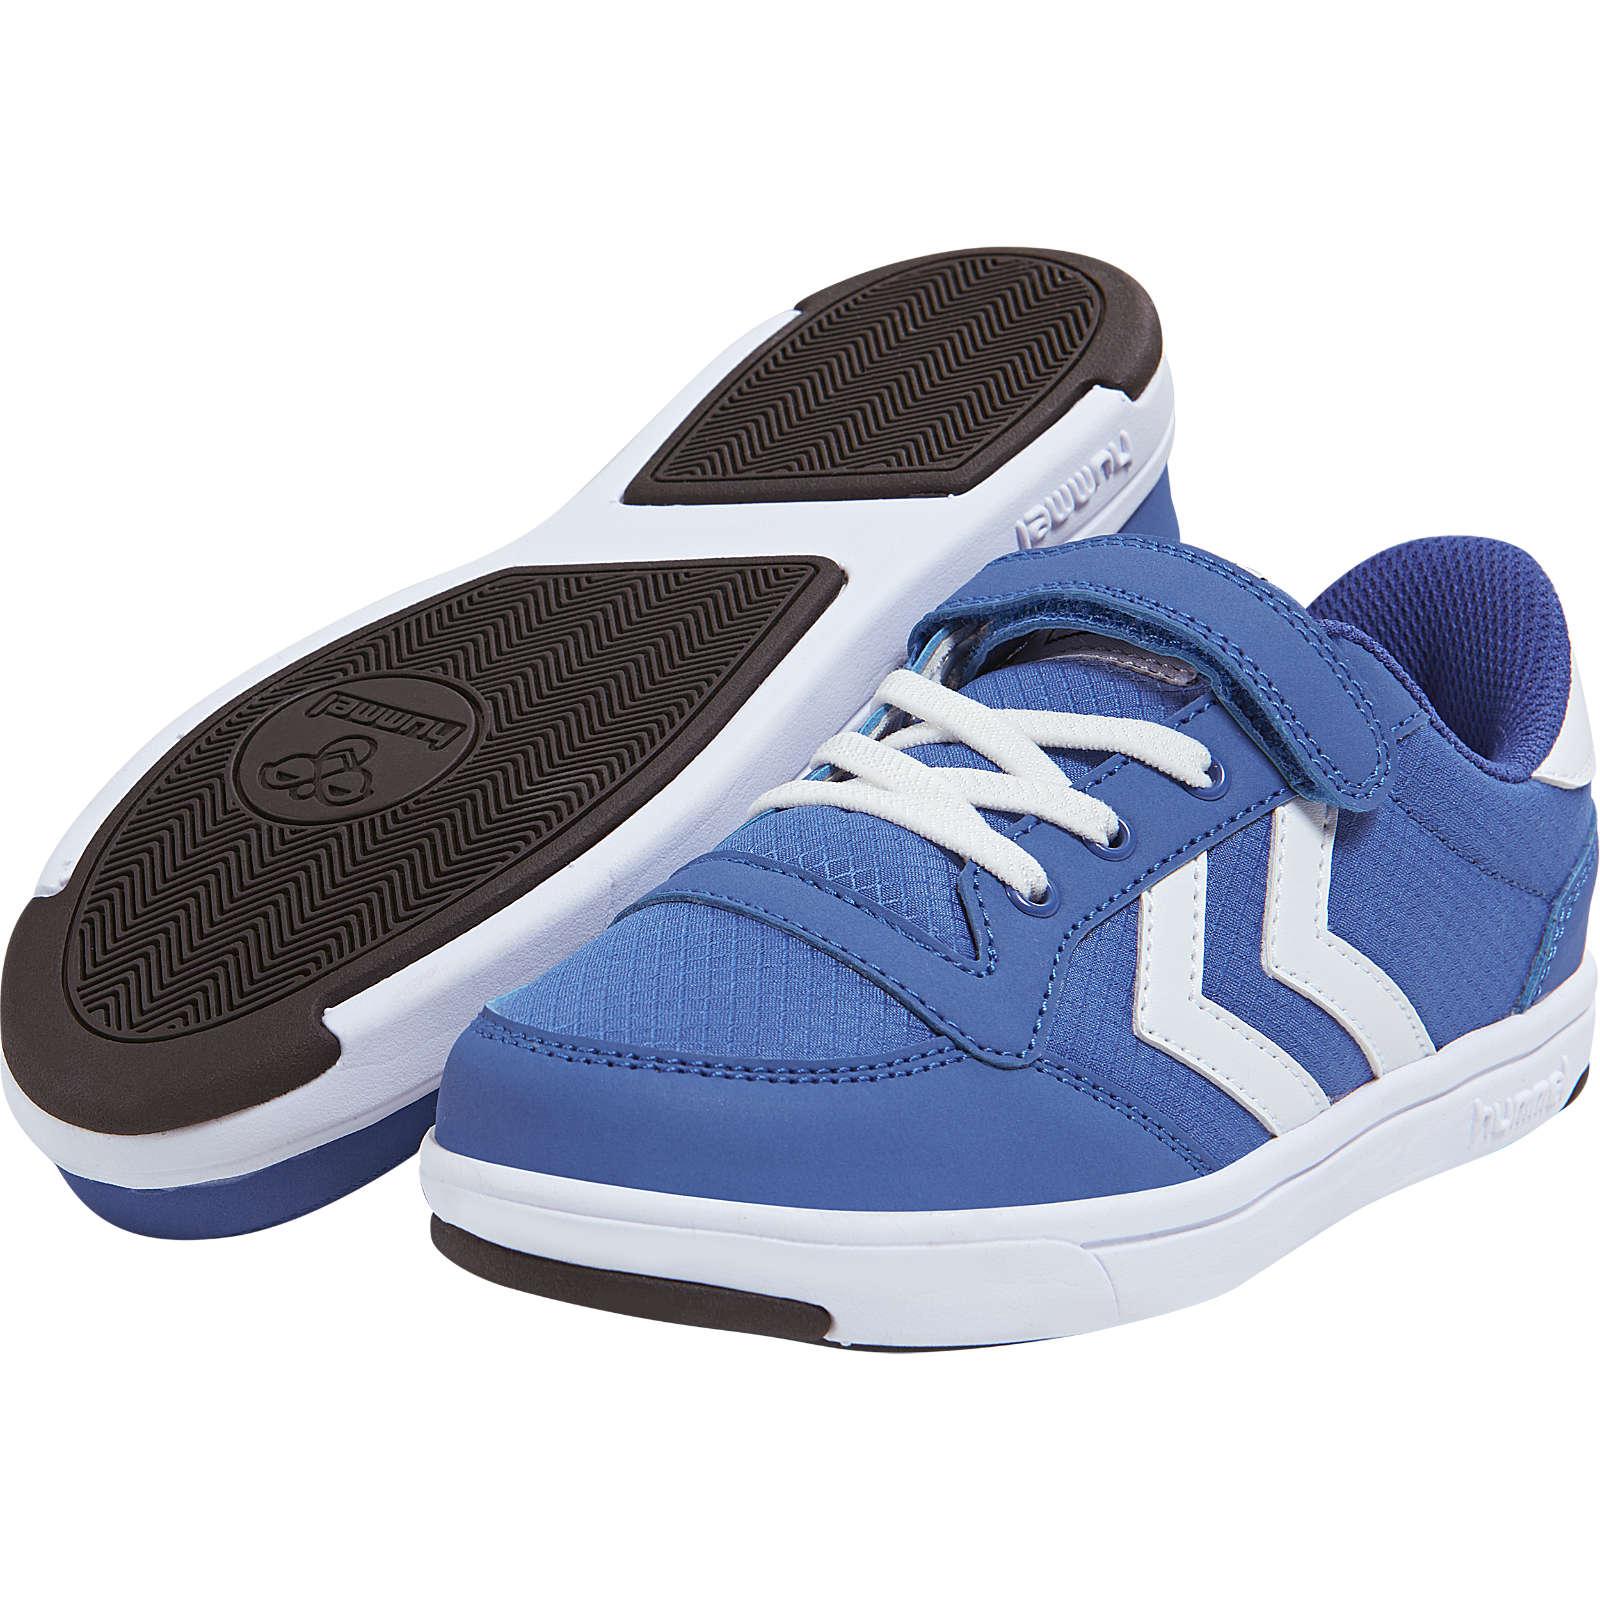 hummel Kinder Sneakers STADIL RIPSTOP blau/weiß Gr. 33